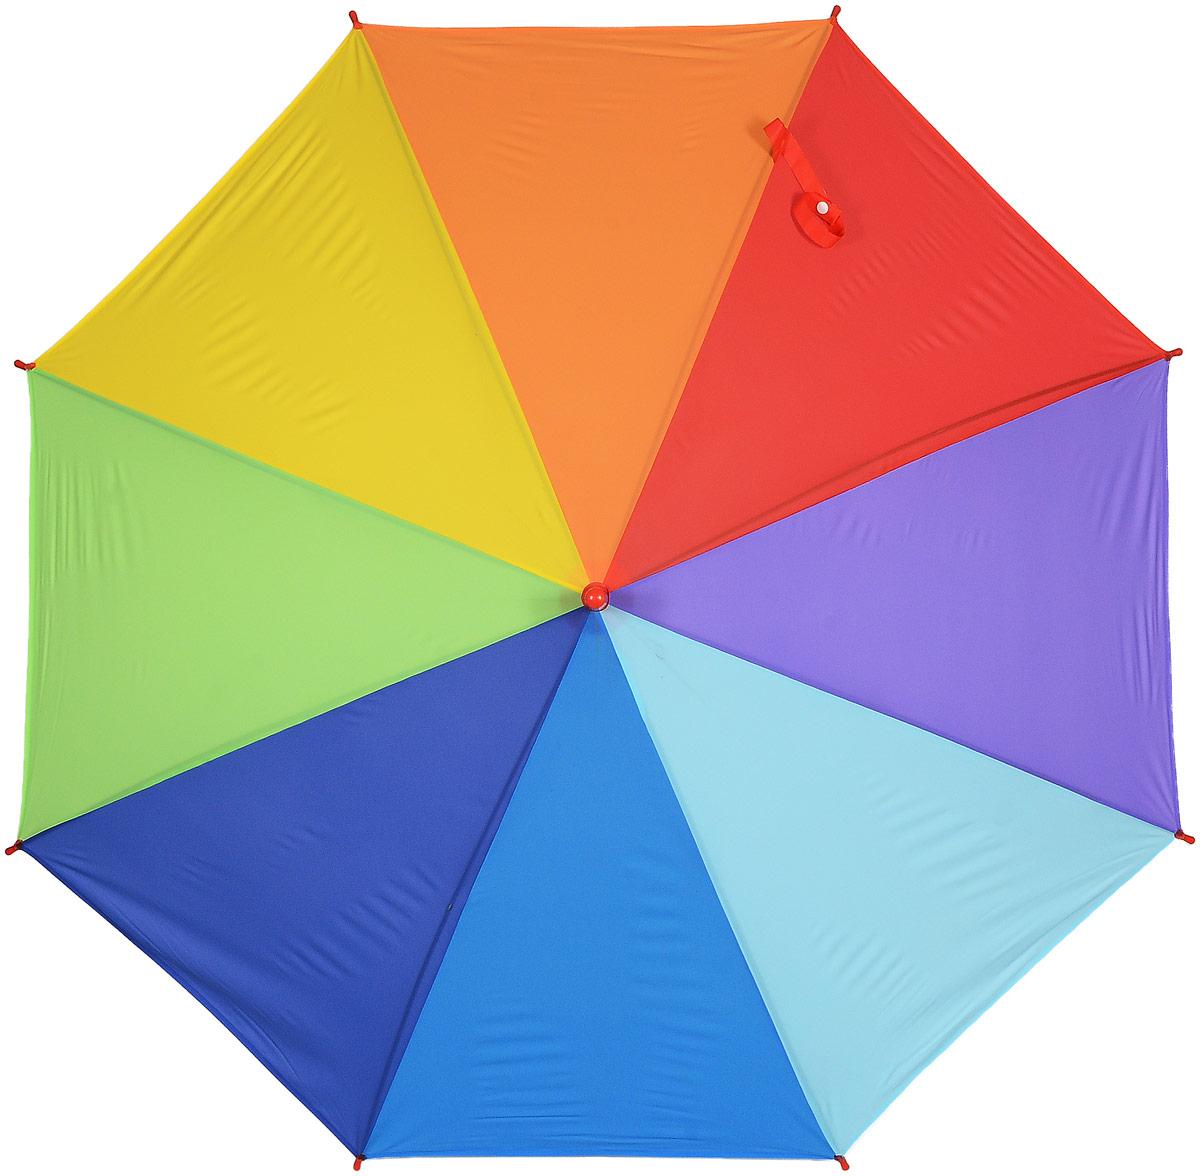 Зонт женский Эврика Радуга, цвет: зеленый, желтый, синий. 9750397503_красныйСтильный механический зонт Эврика Радуга даже в ненастную погоду позволит вам оставаться стильной и элегантной. Каркас зонта из металла состоит из восьми спиц, оснащен удобной рукояткой. Купол зонта выполнен из прочного поливинилхлорида. Закрытый купол фиксируется хлястиком на кнопке.